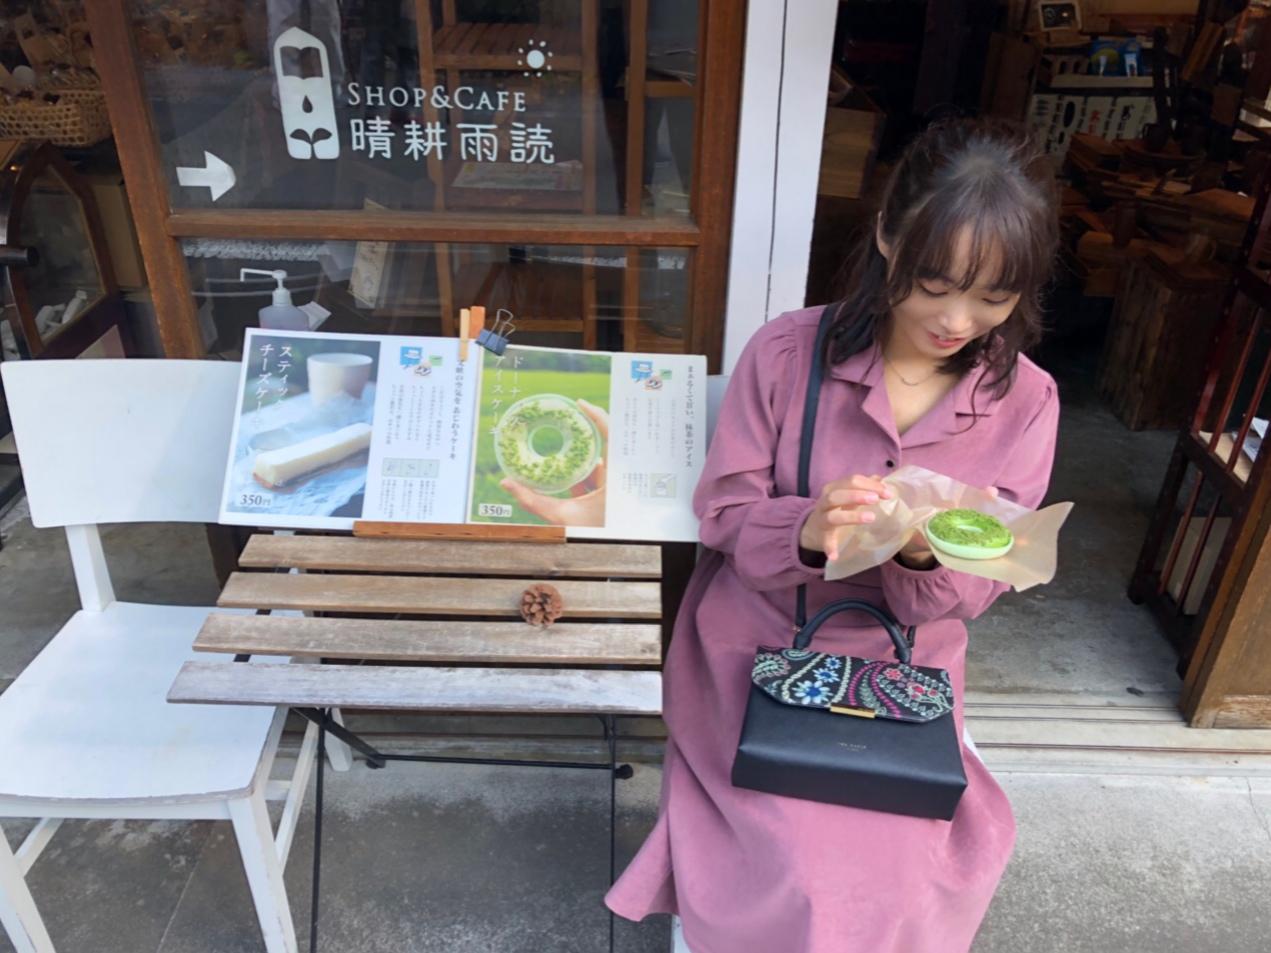 【#静岡】レトロな雰囲気が可愛い♡こだわりお煎餅と抹茶のドーナツアイス❁SHOP&CAFE 晴耕雨読_7